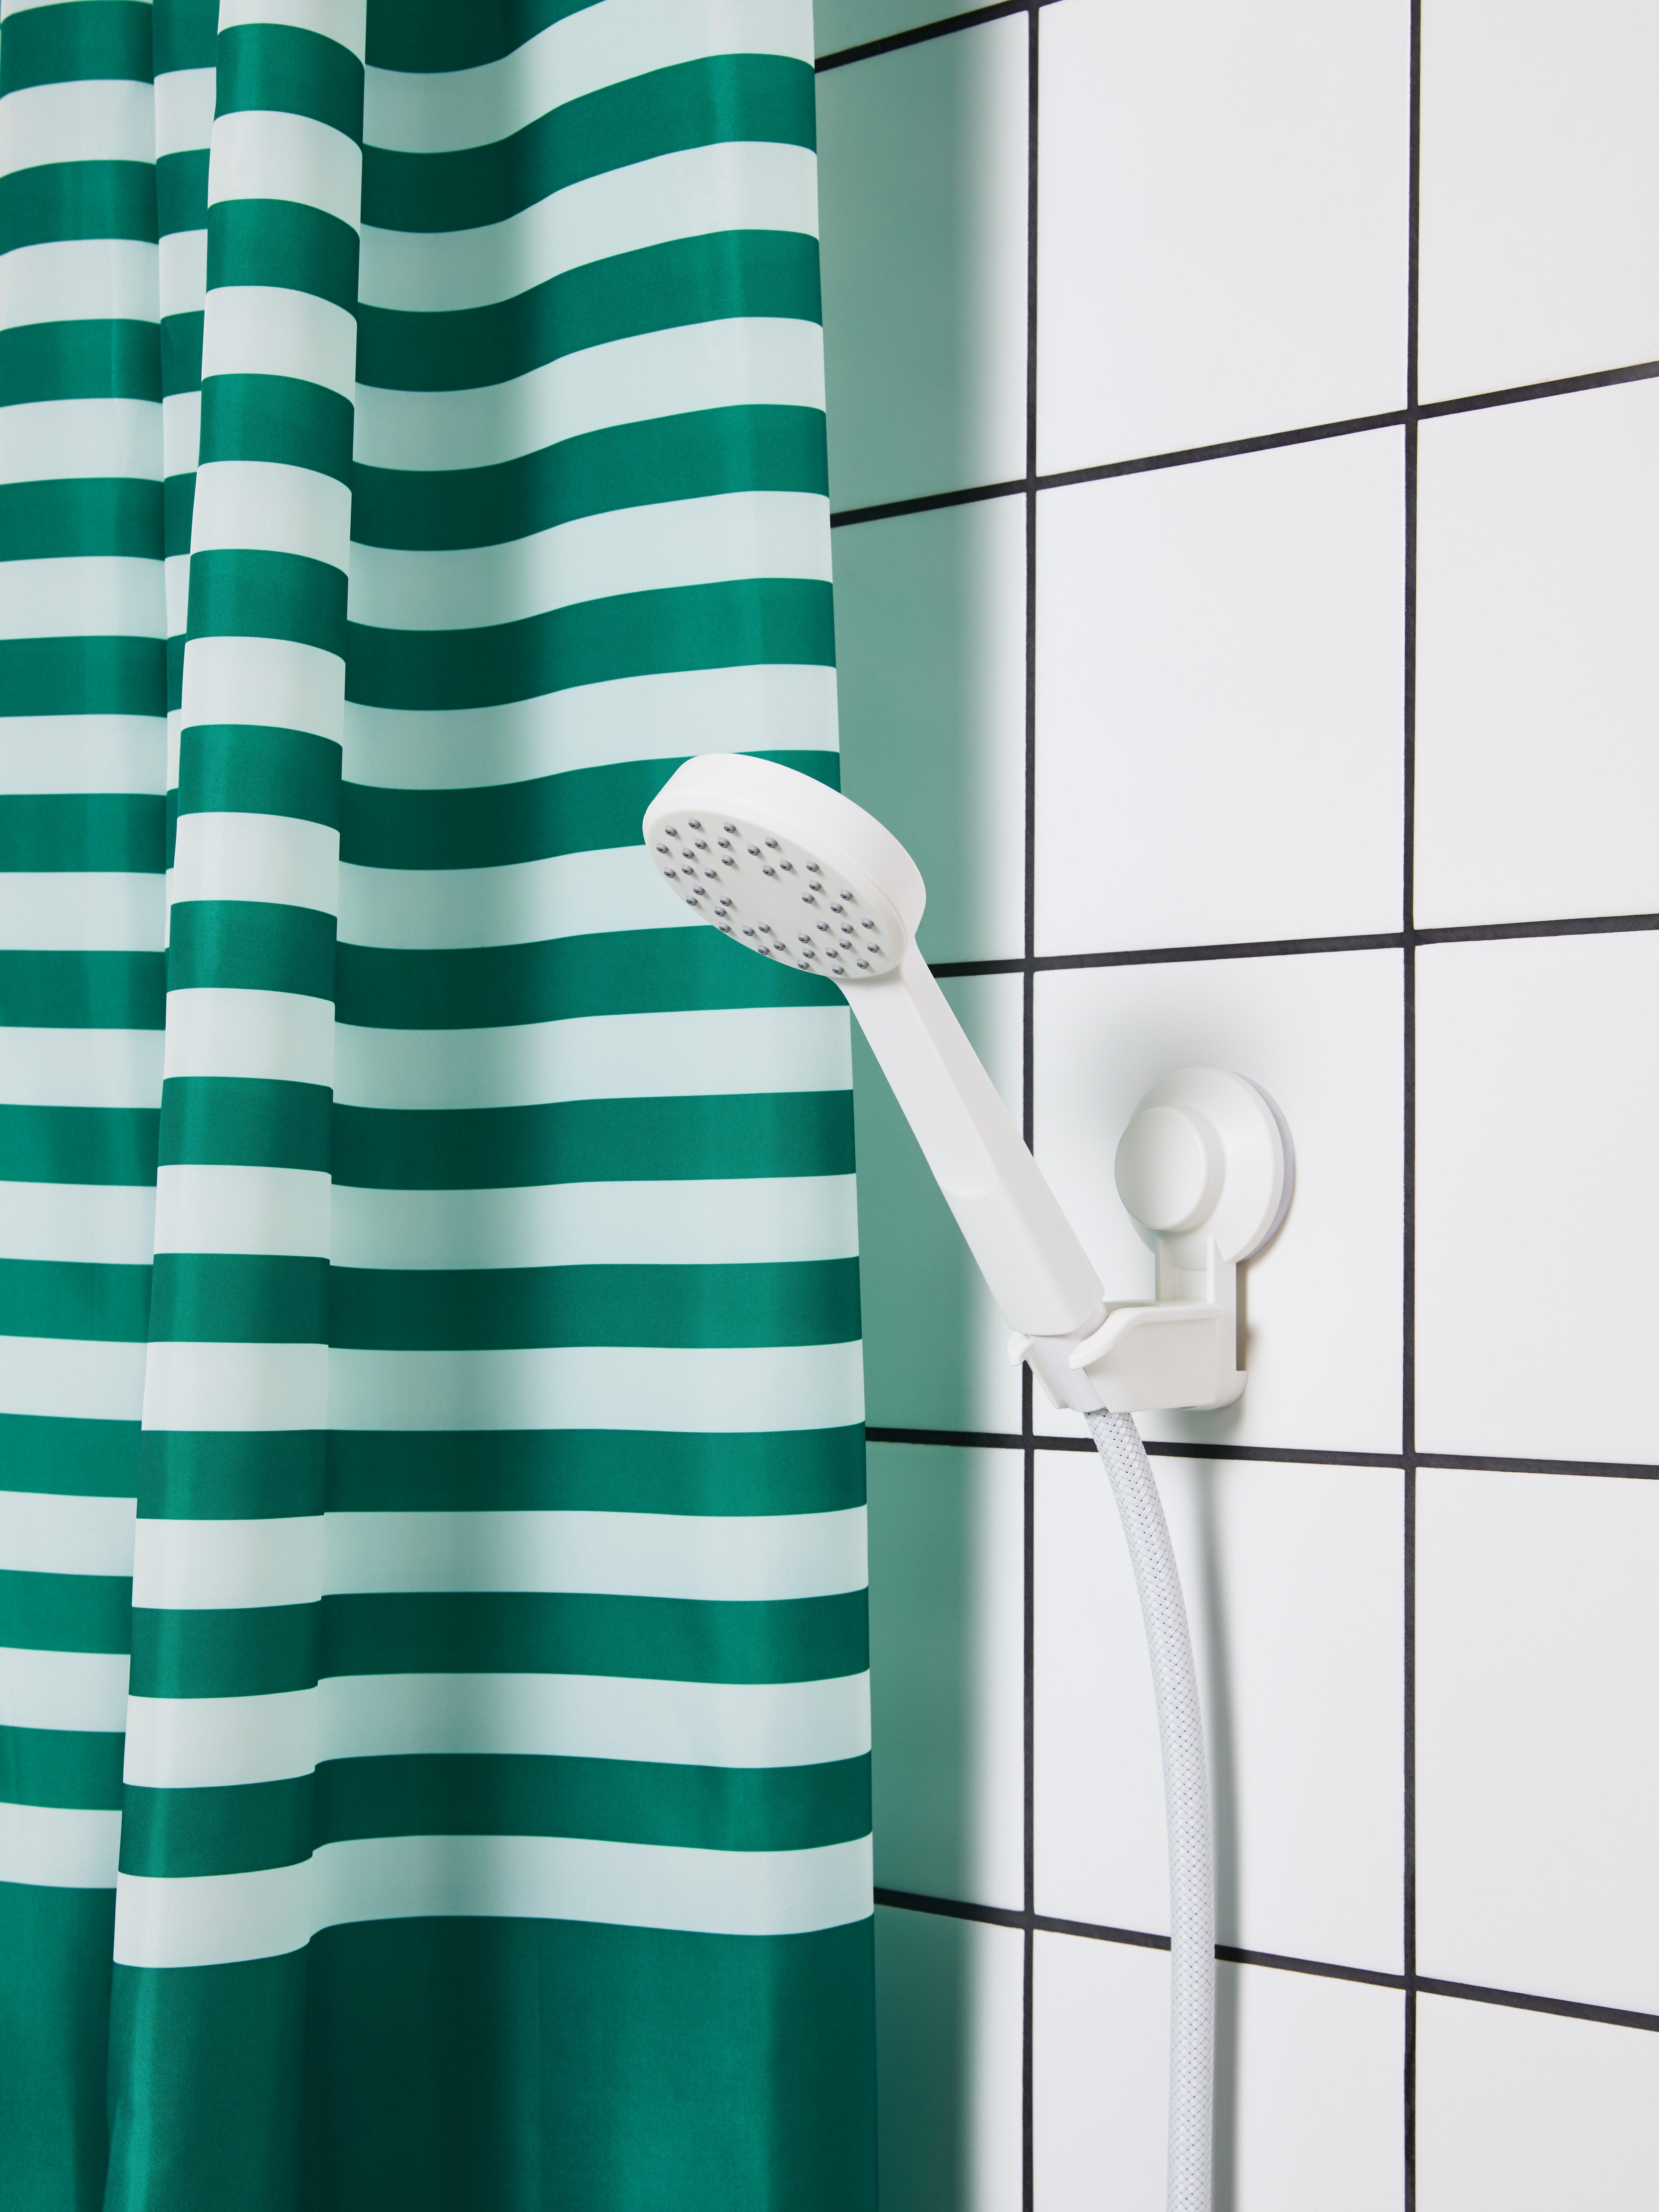 Baldosa zuriko bainugela, esku-dutxa zuridun zuria, hodi malgu zuria eta dutxa-gortina marradun zuri eta berdeak.